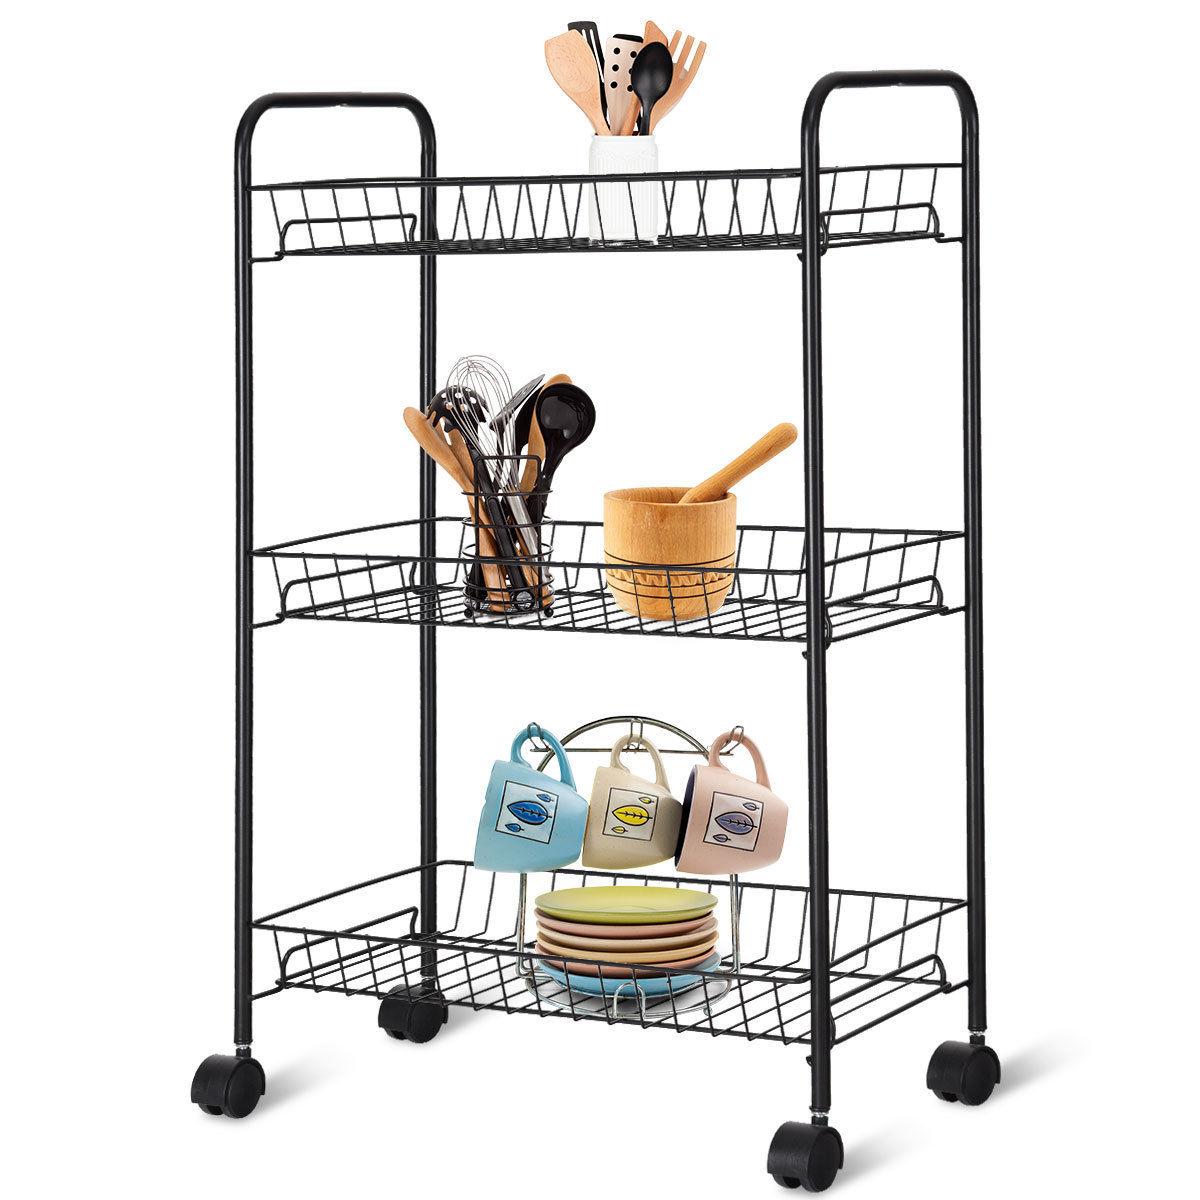 kitchen wire storage round sink 3 tier rolling trolley utility cart metal shelf baskets